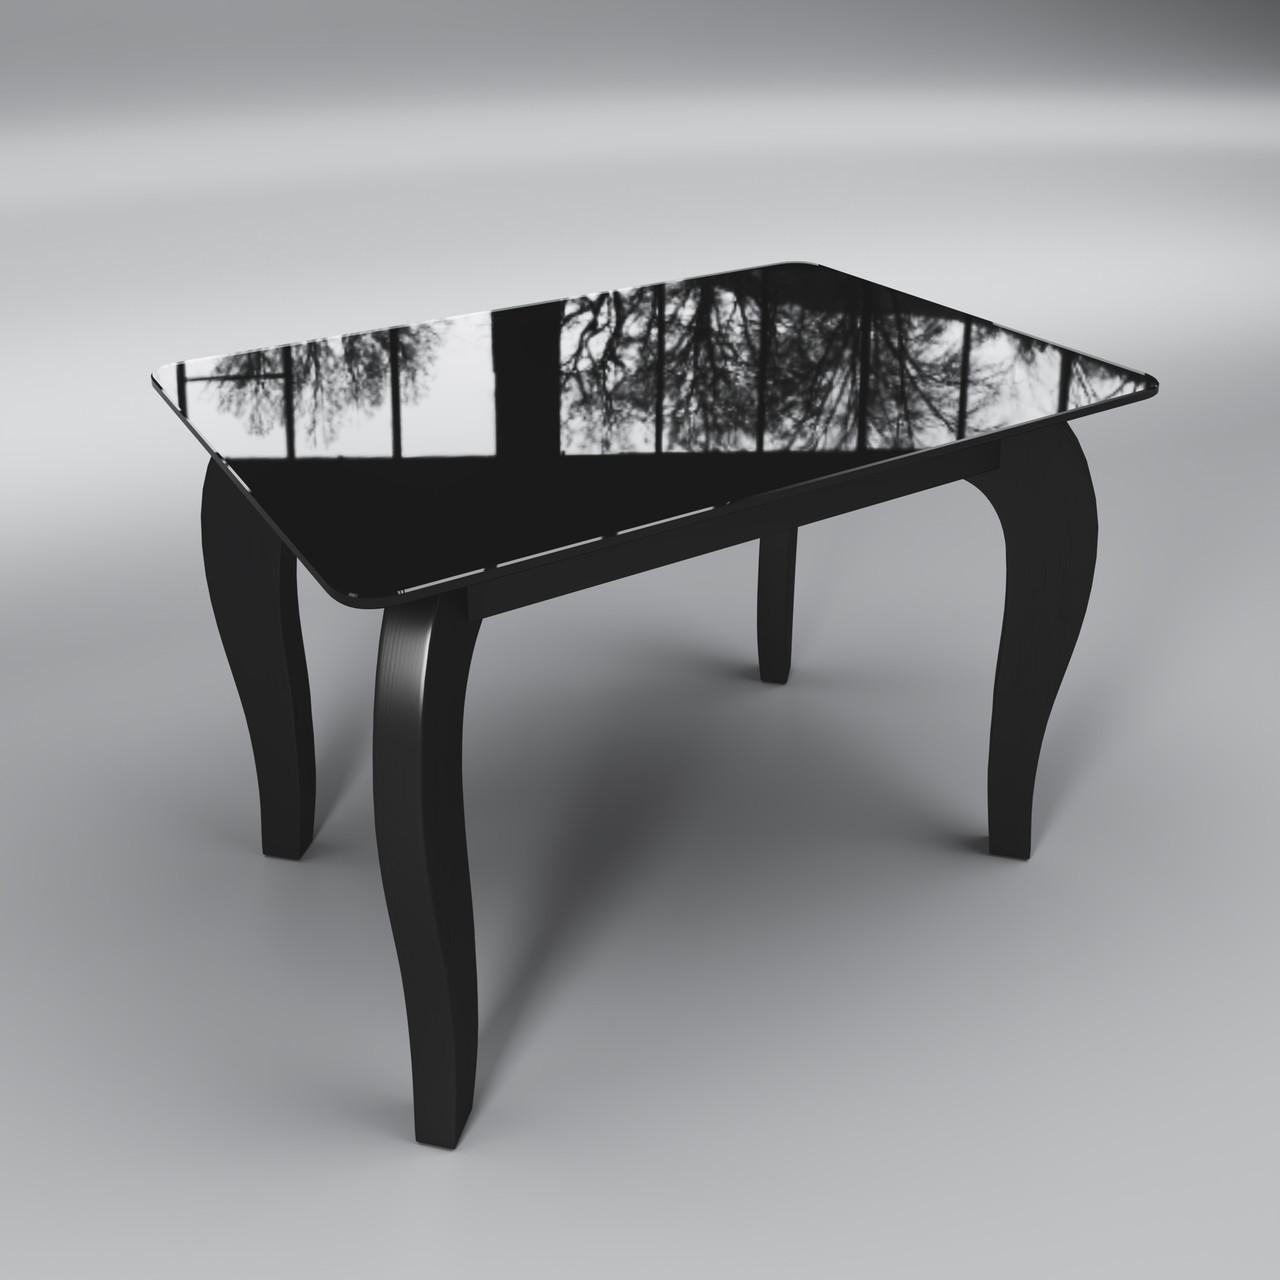 Журнальный стеклянный стол Император мини черный